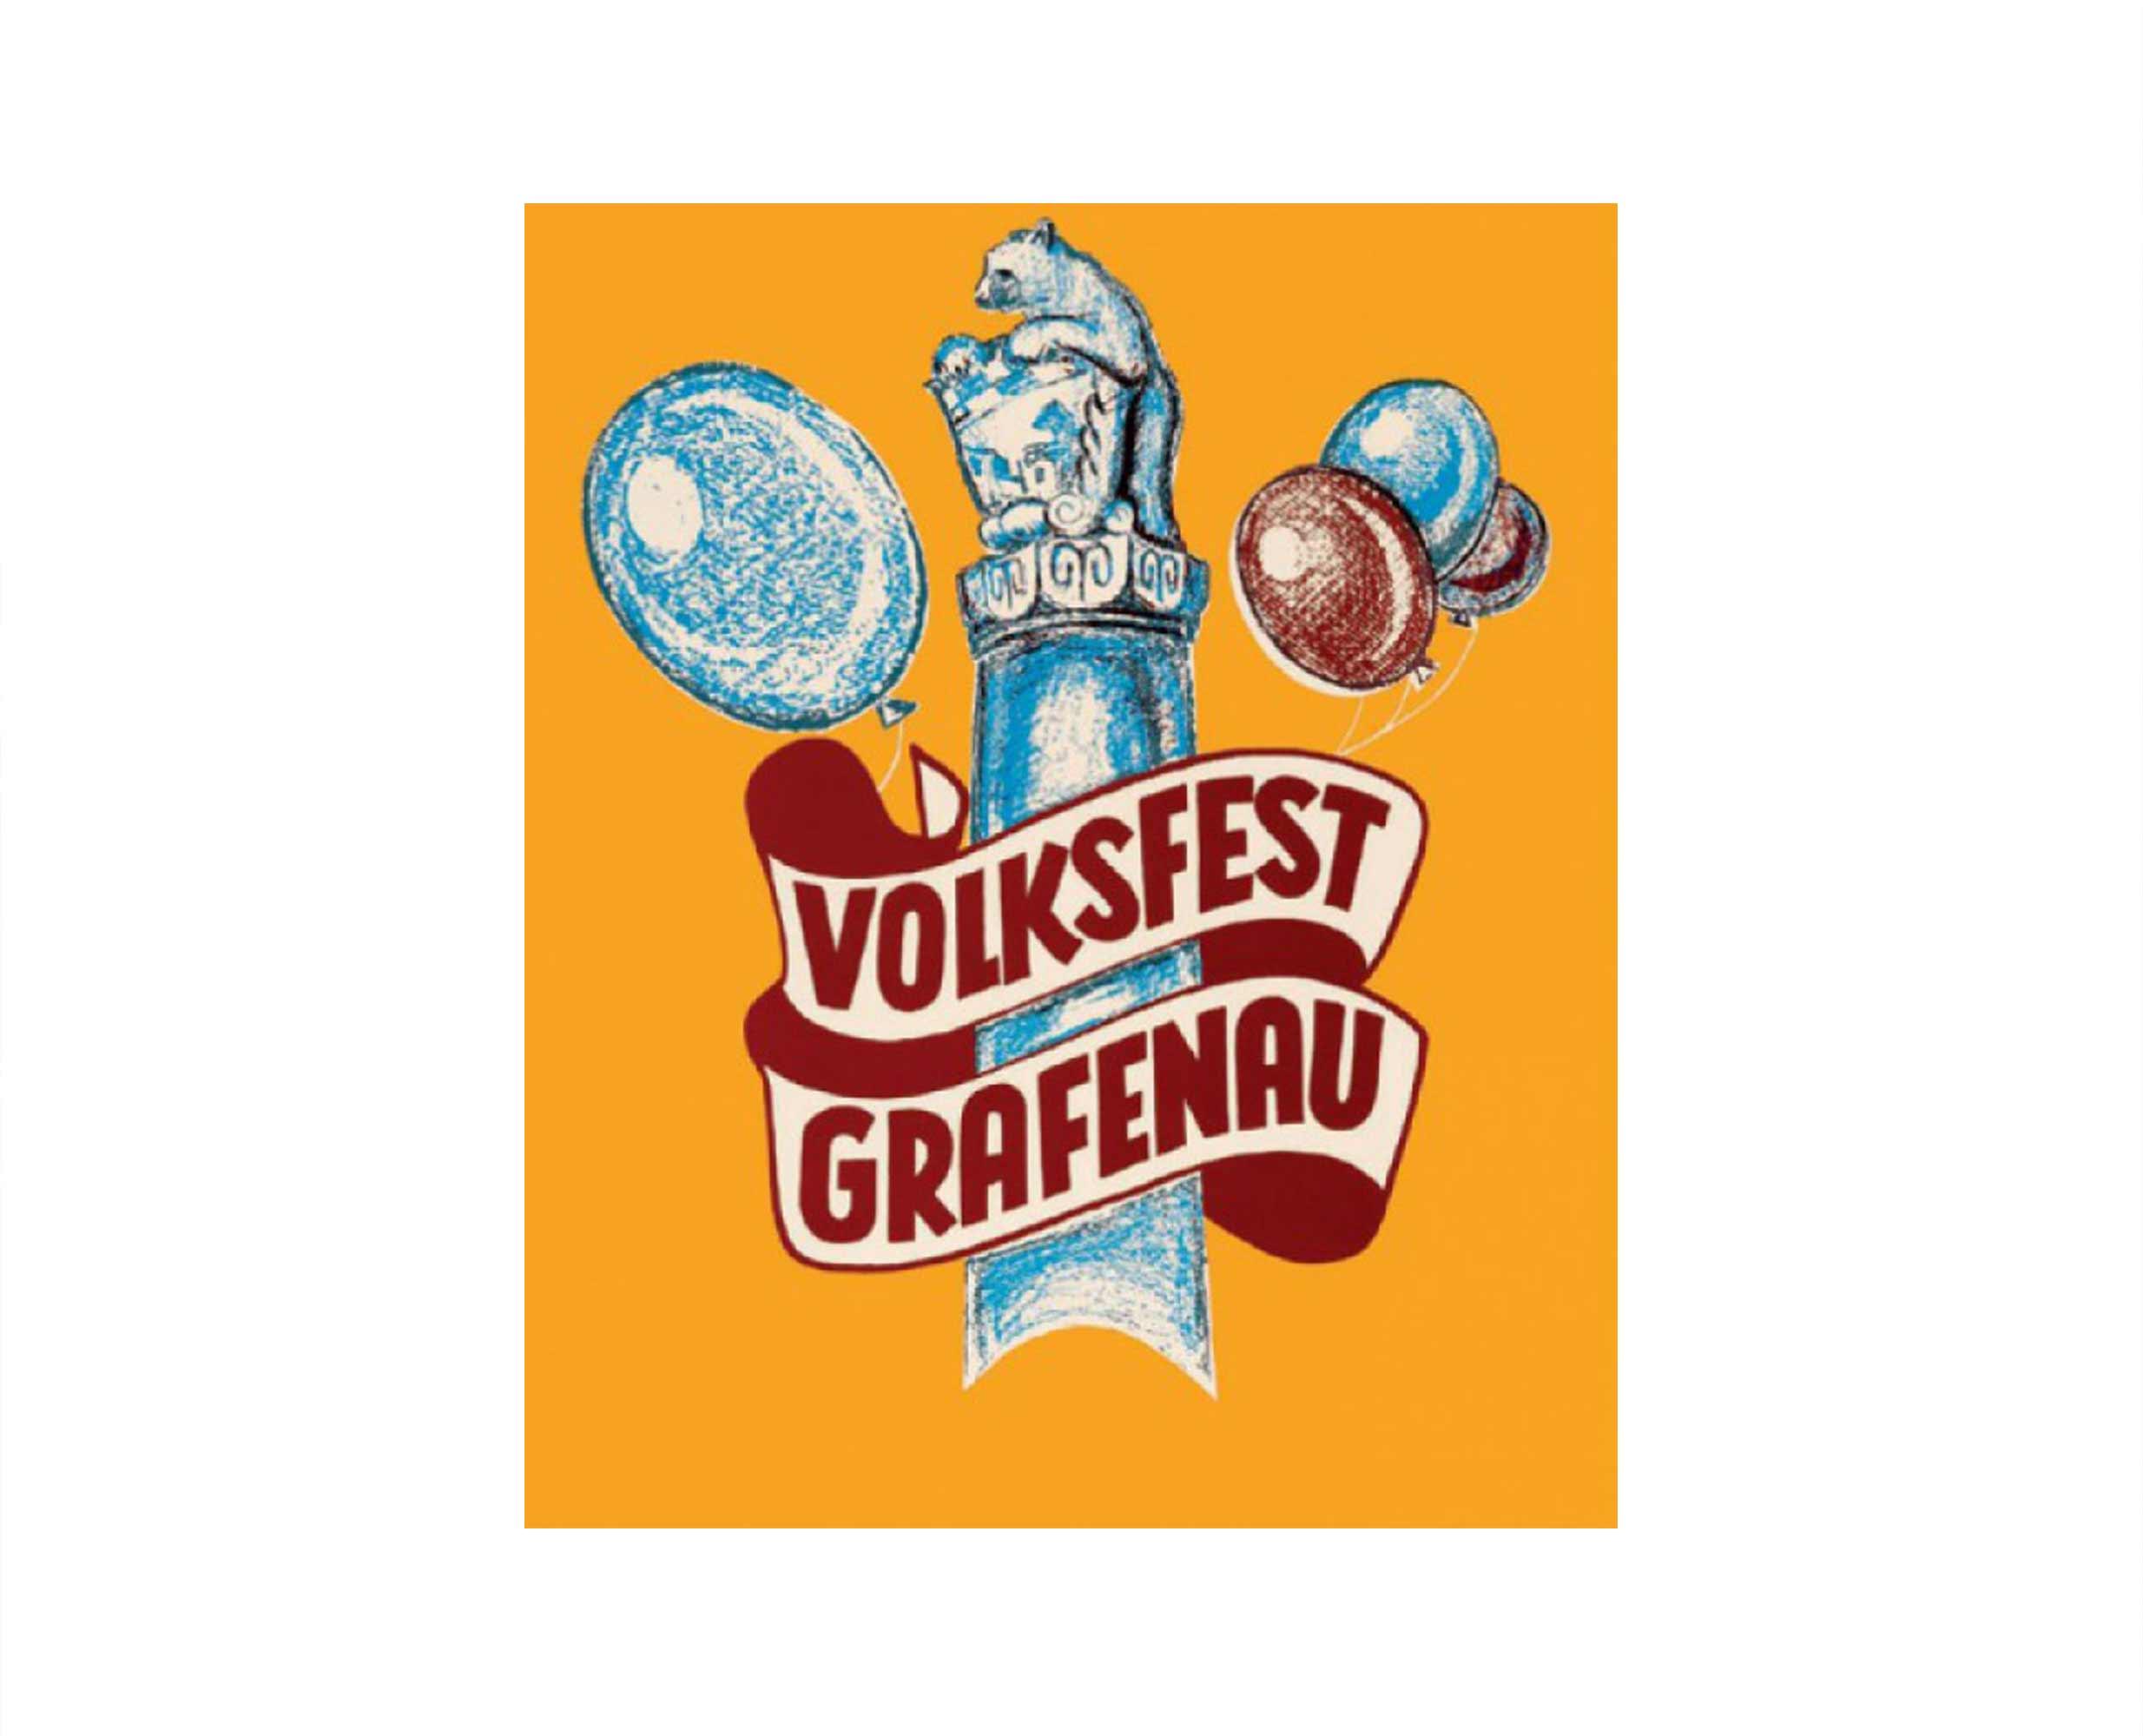 Sponsoring Volksfest Grafenau | Wensauer Com-Systeme GmbH